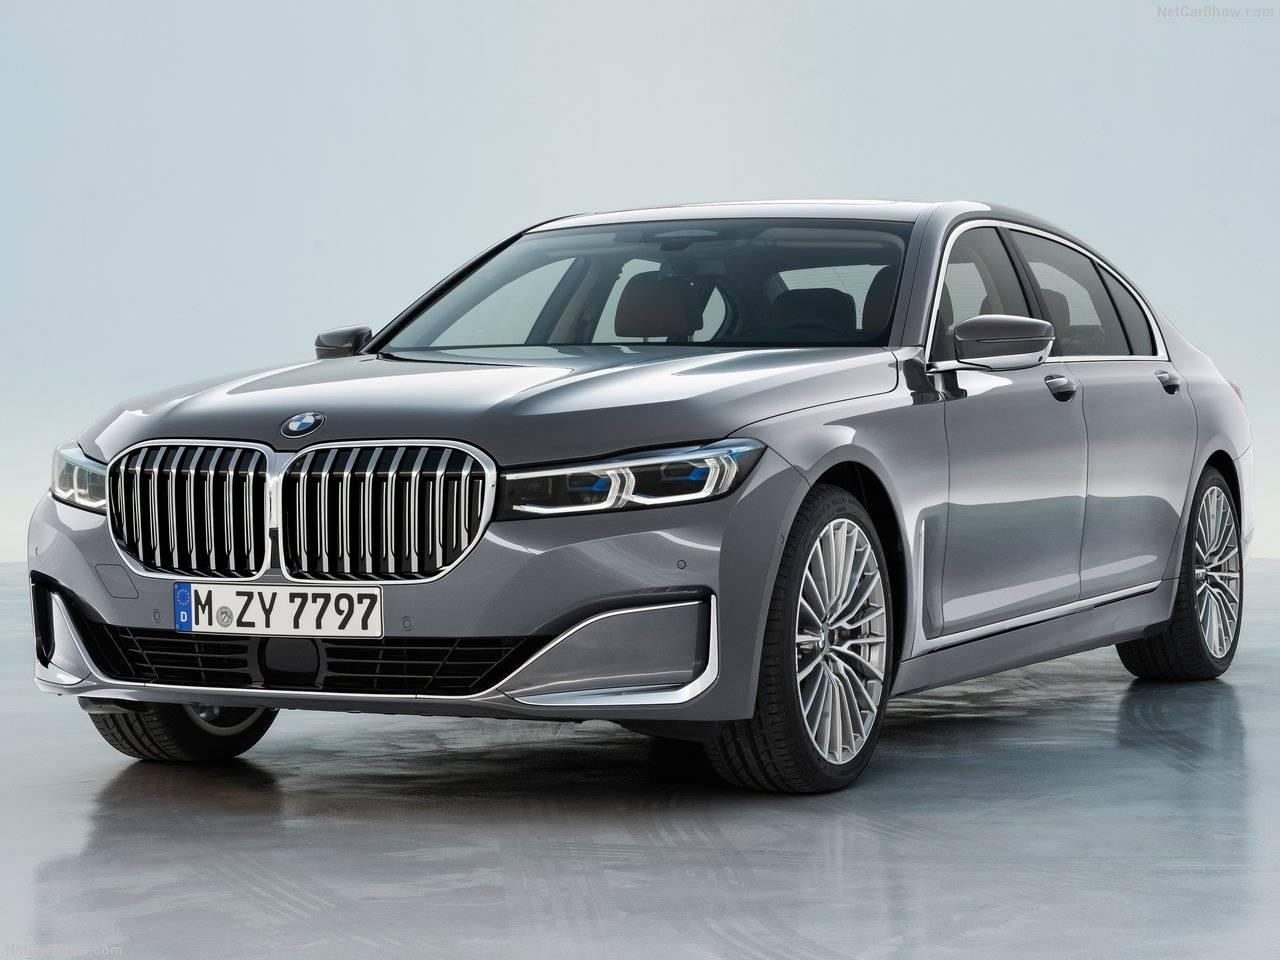 新型BMW 7シリーズ発表 販売開始は2019年秋頃?